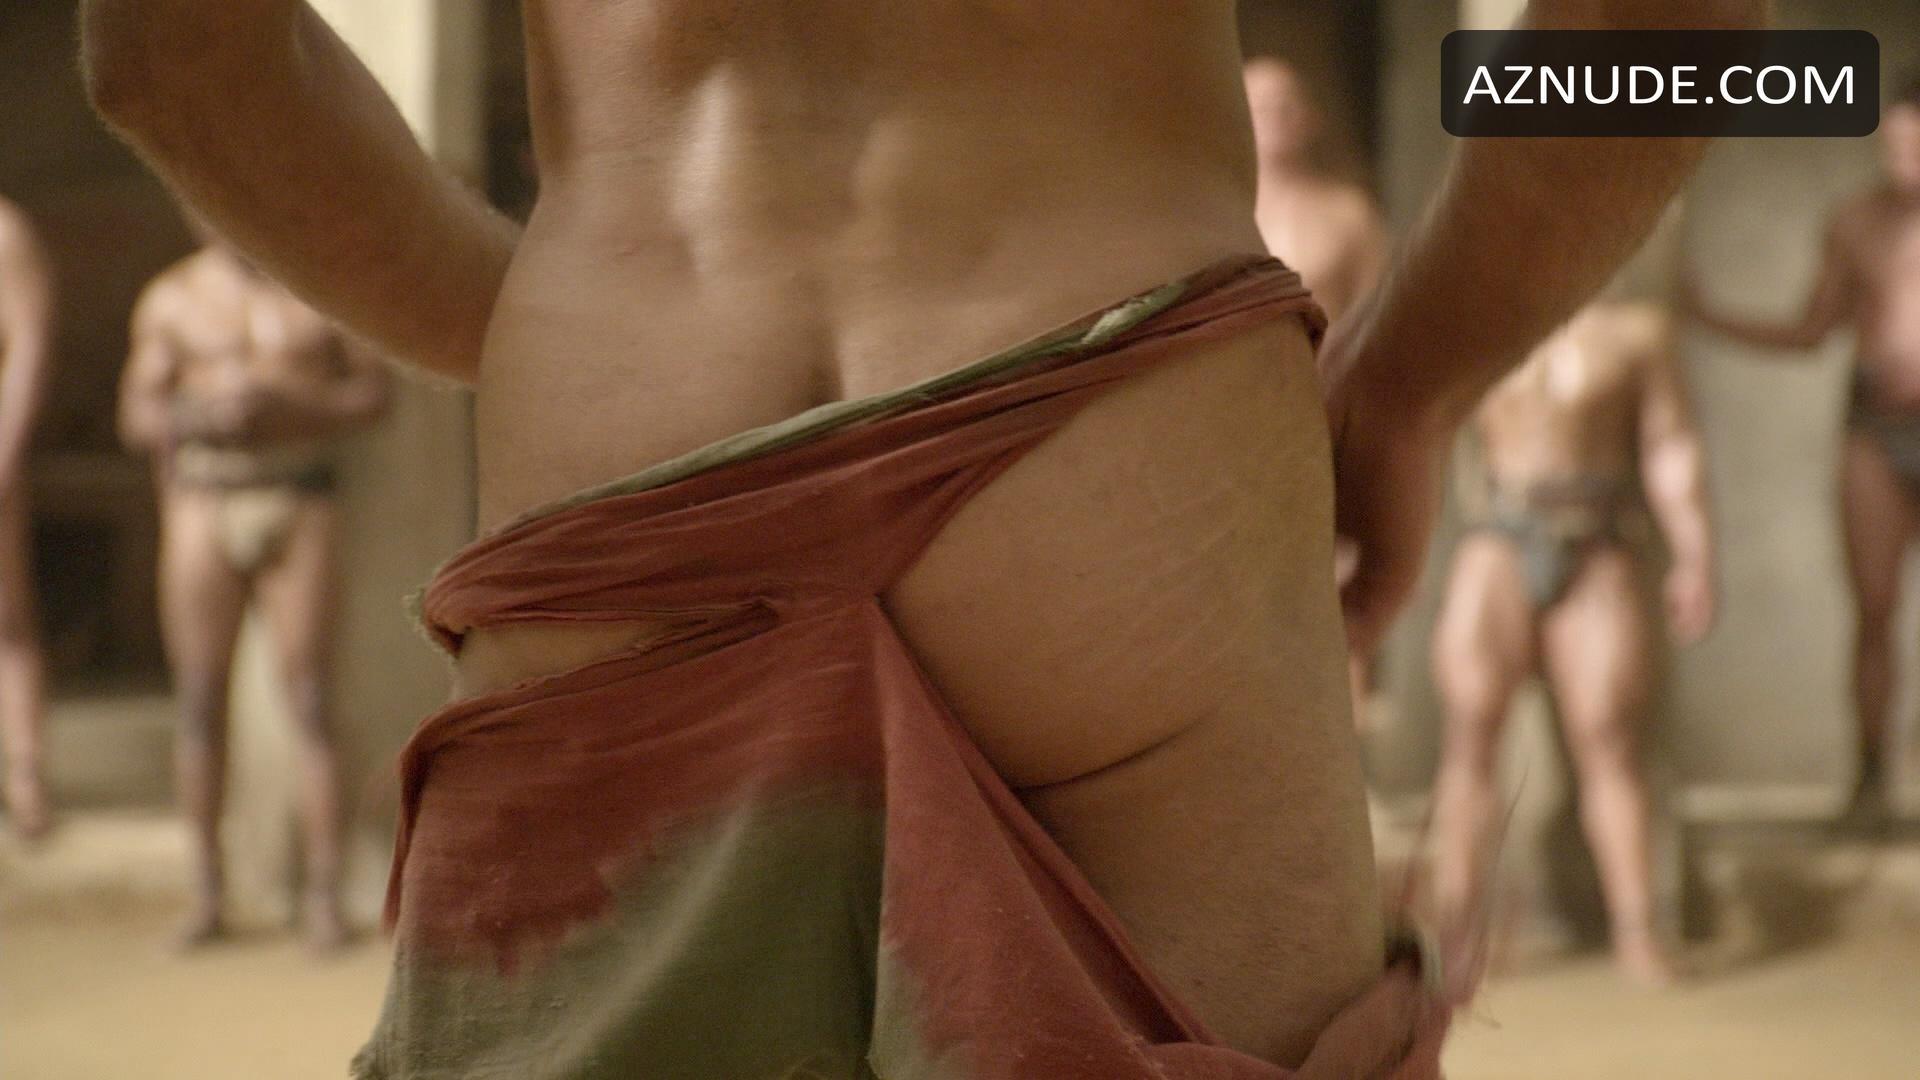 Naked Men For Naked Men